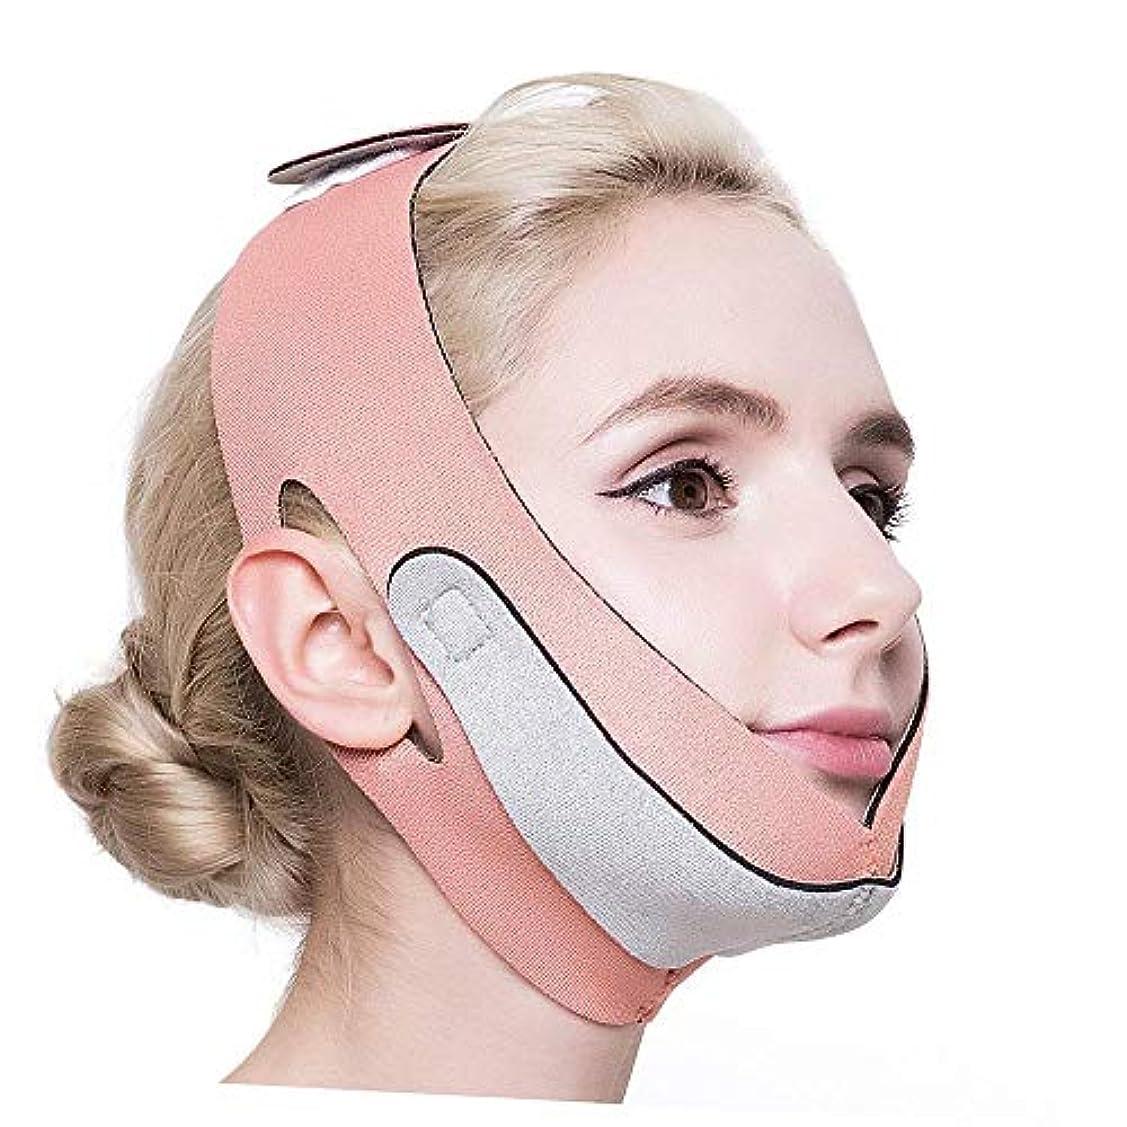 安全性適応する要求Aomgsd 小顔 矯正 顔痩せ 美顔 ほうれい線予防 抗シワ 頬リ引き上げマスク レデー サポーター (ピンク)